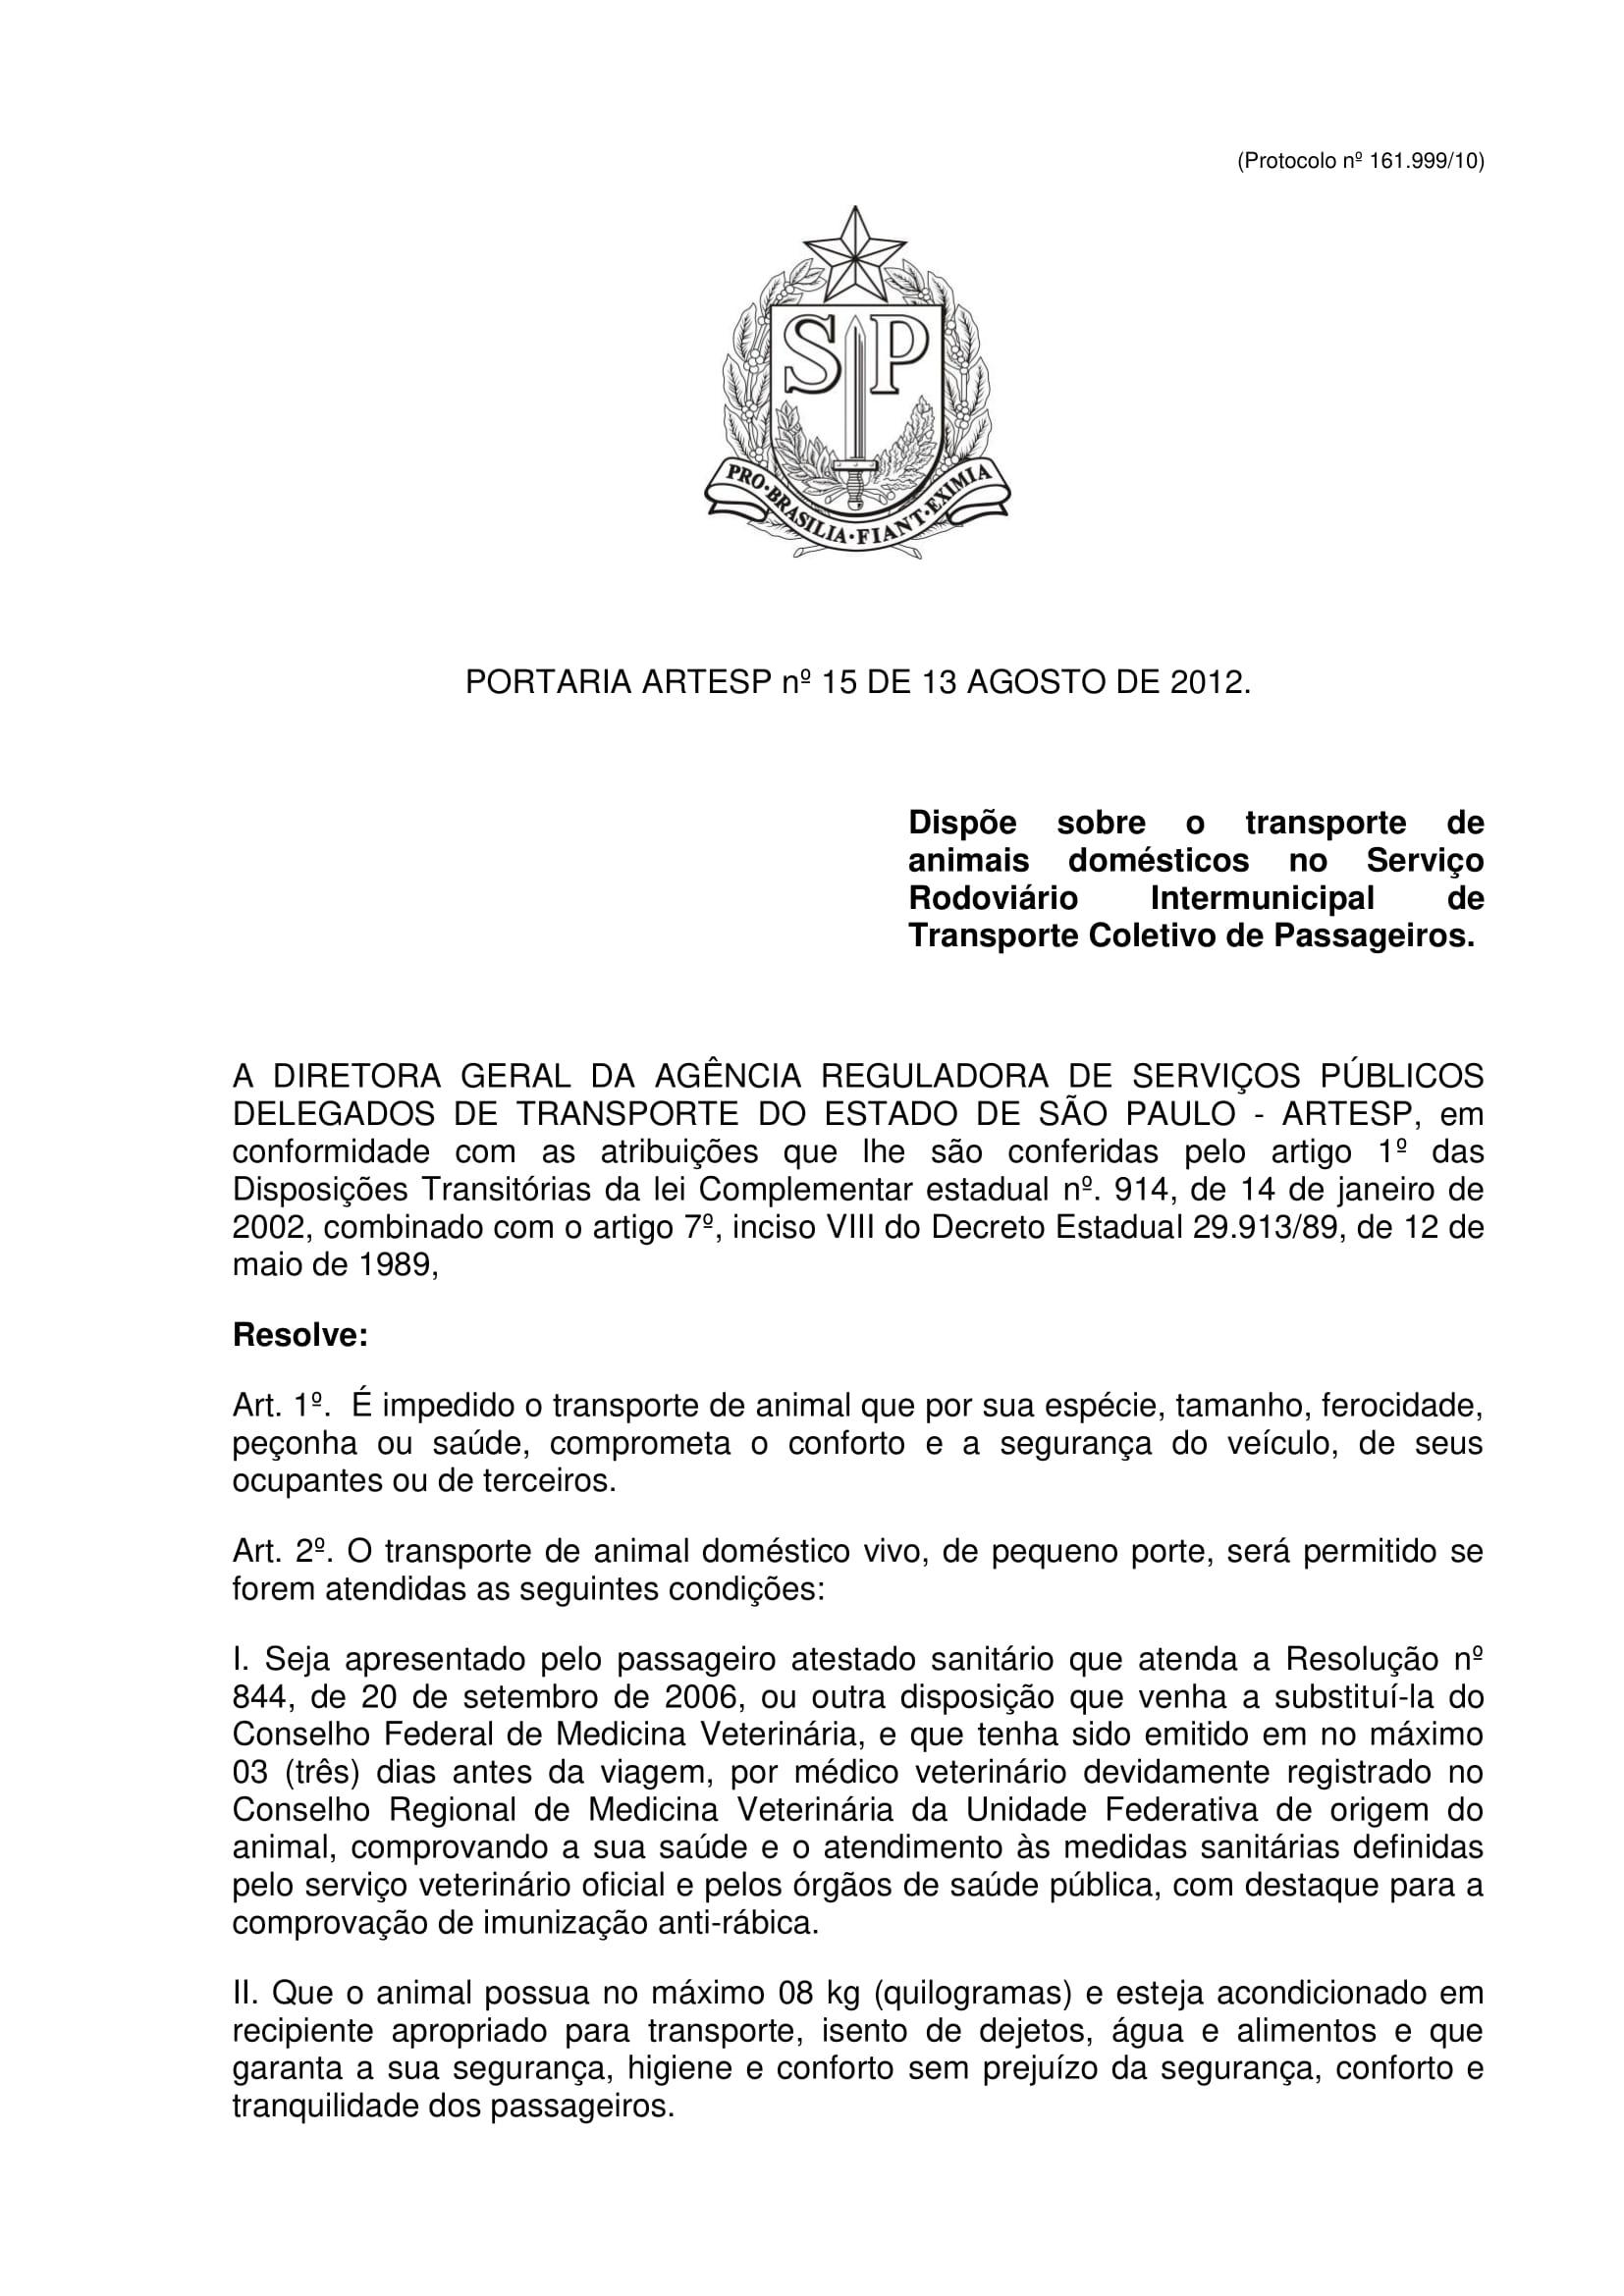 Portaria ARTESP n.º 15 - Prot. 161999-10-1